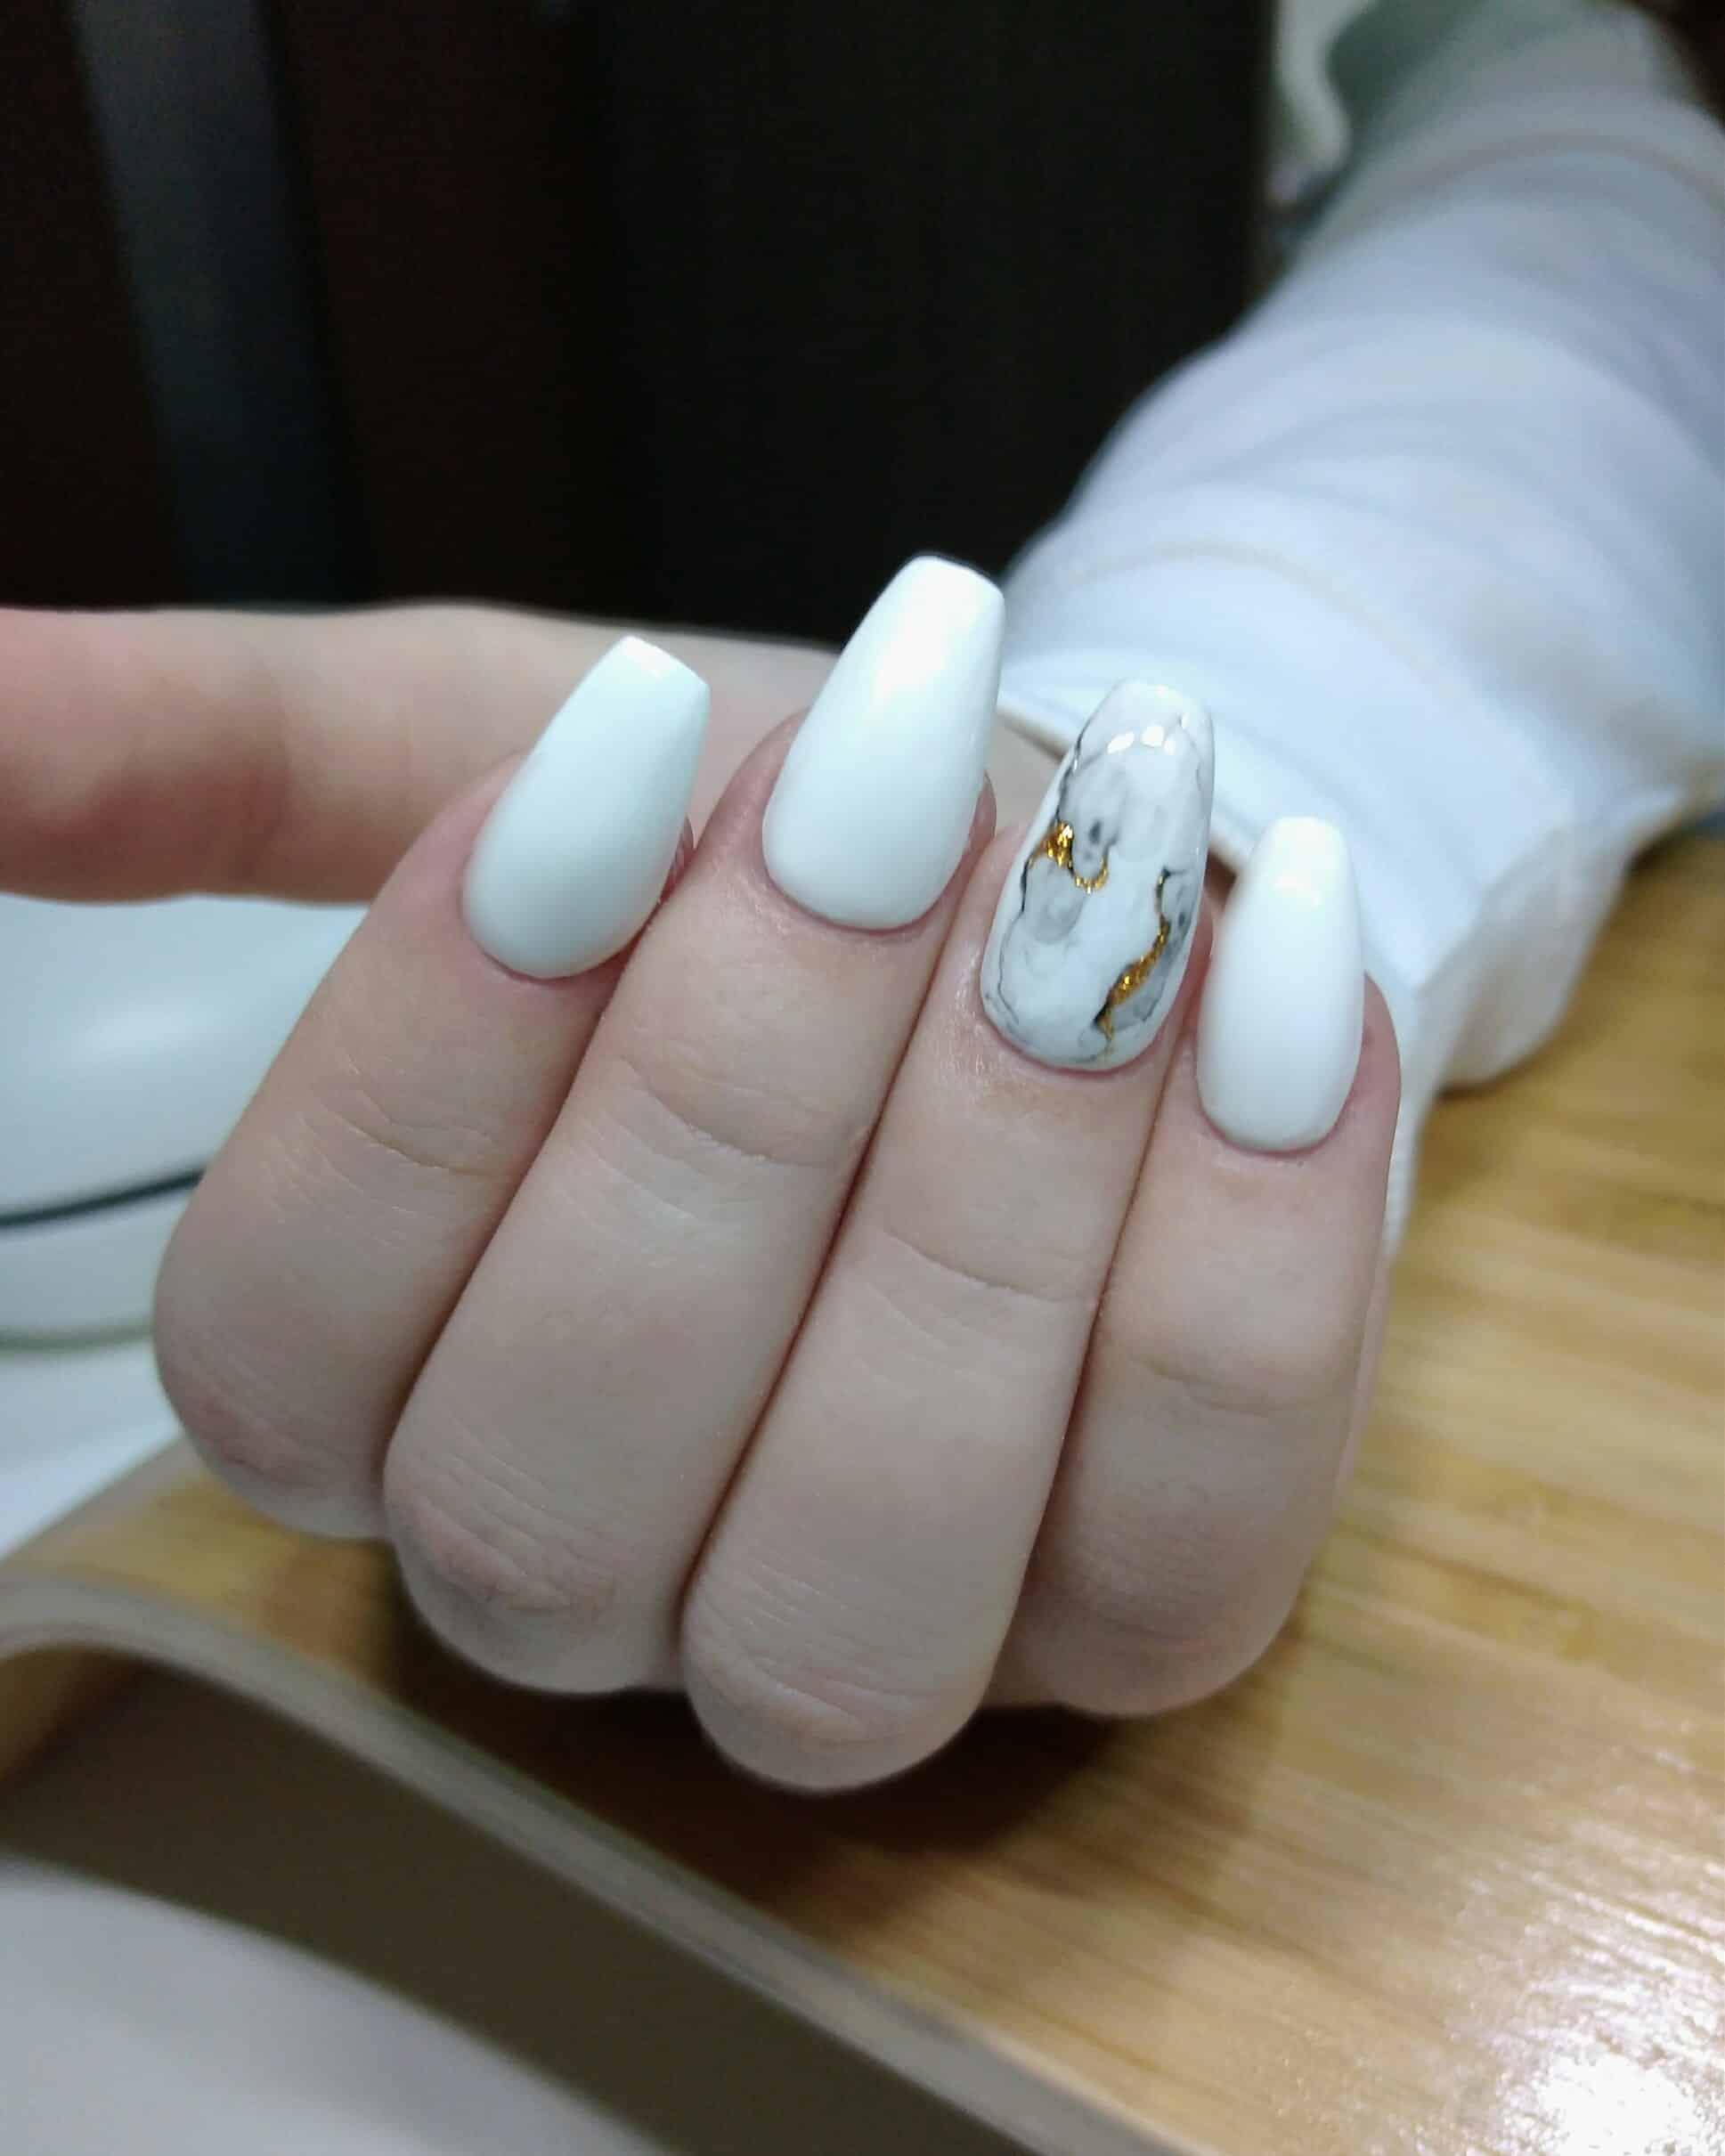 Biele gélové nechty s ozdobou